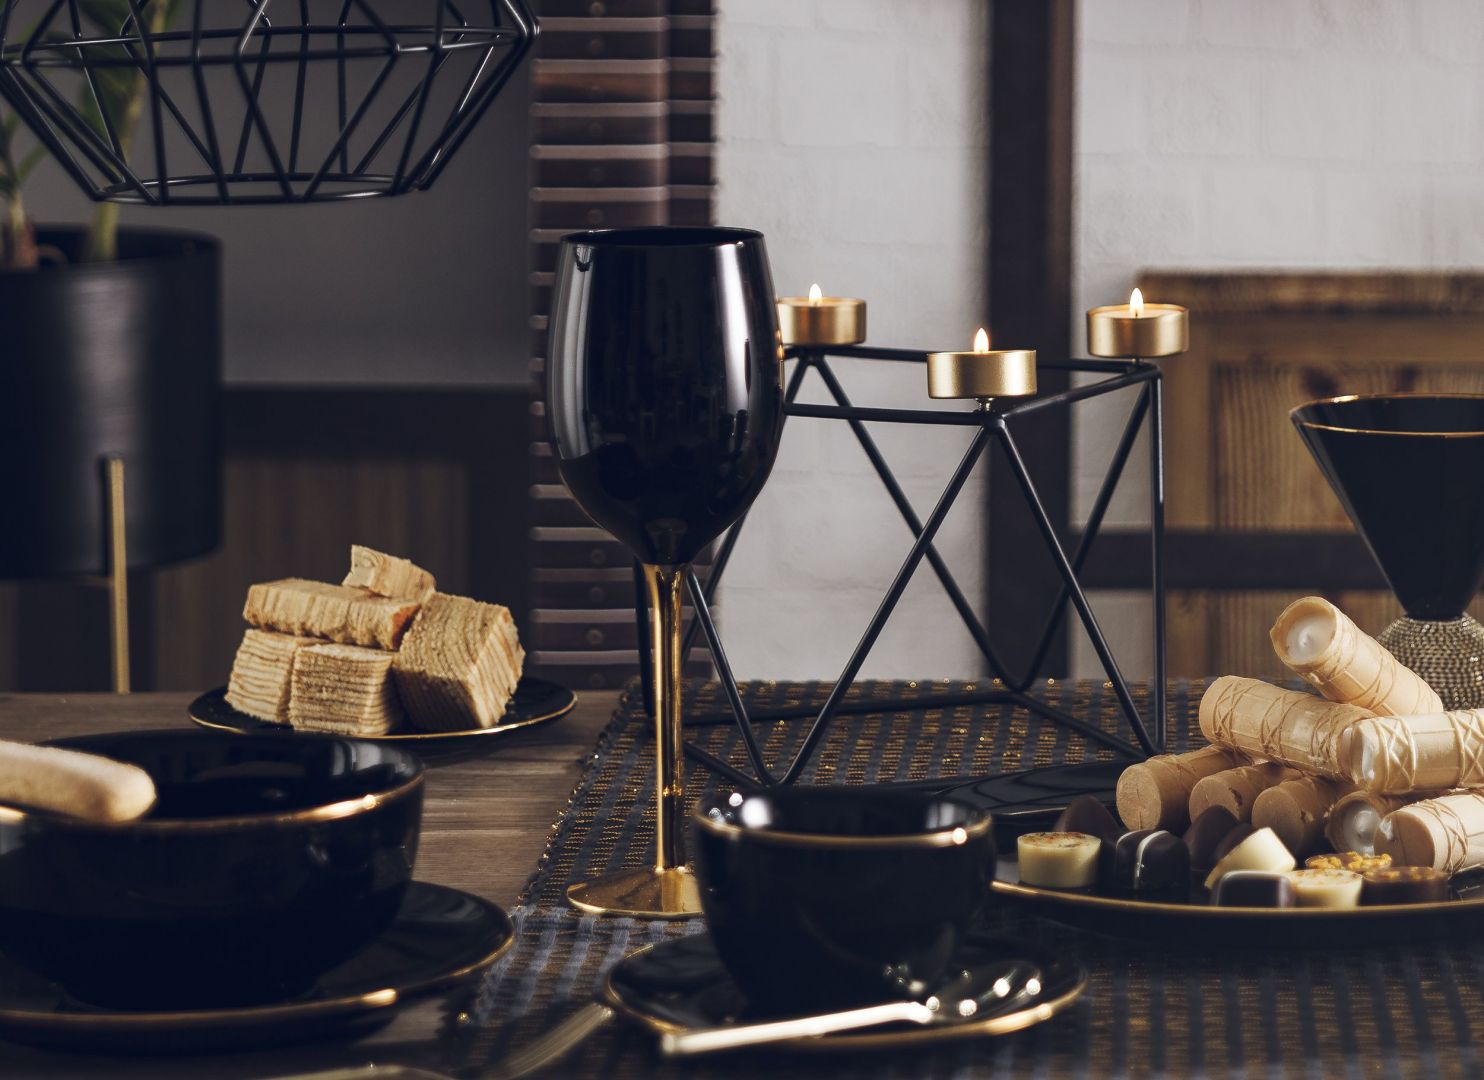 Wznieśmy toast w karnawale. Fot. home&you